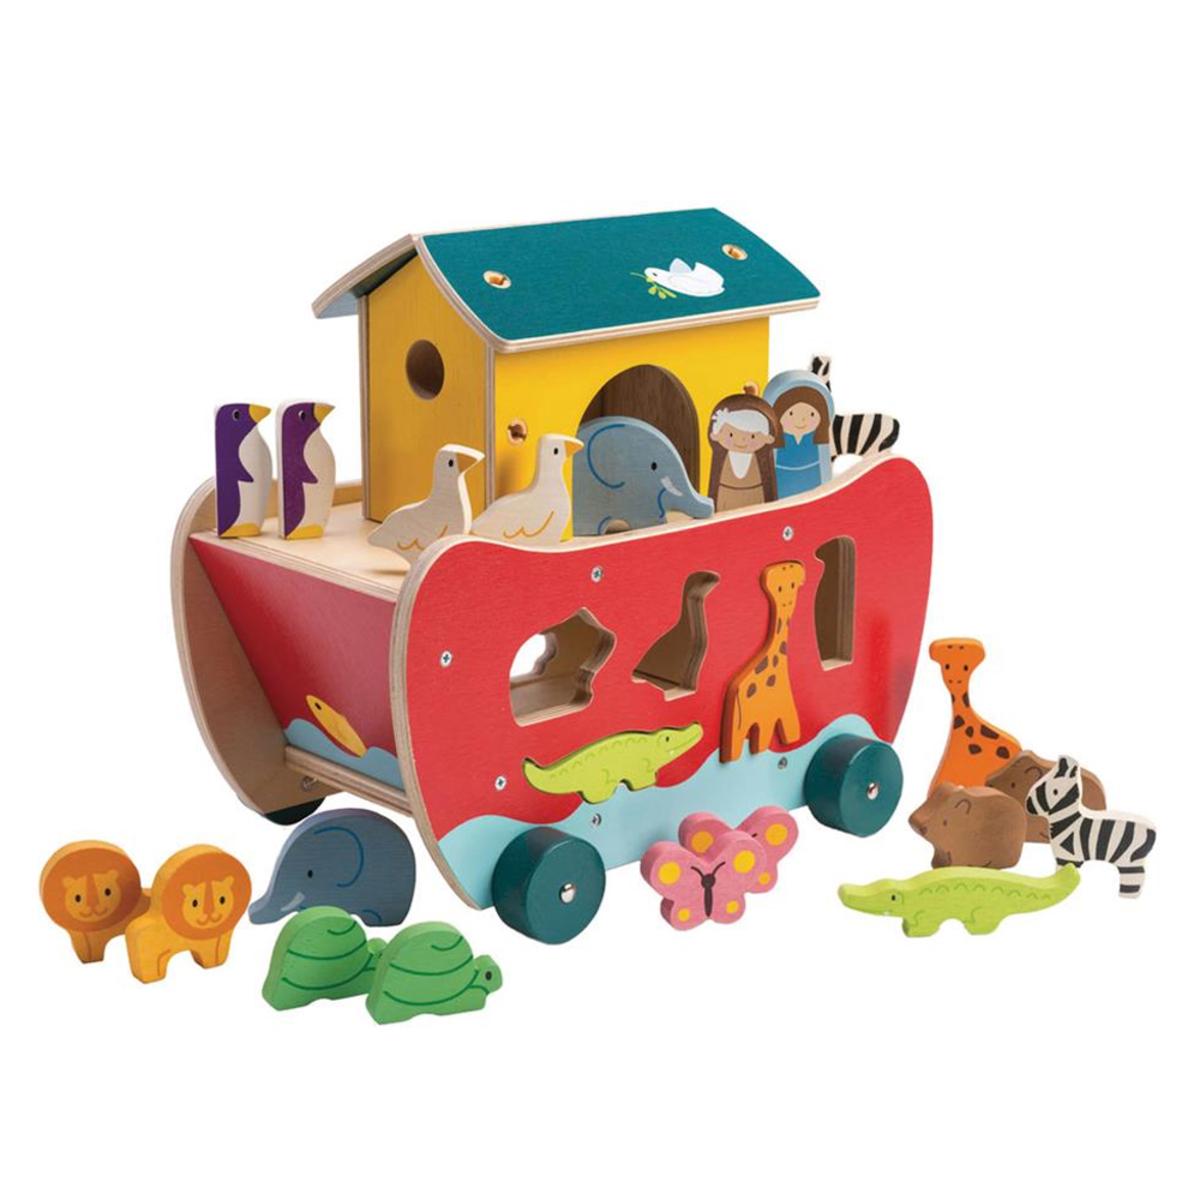 Mes premiers jouets Boîte à Formes Arche de Noé Tender Leaf Toys - AR202001280109